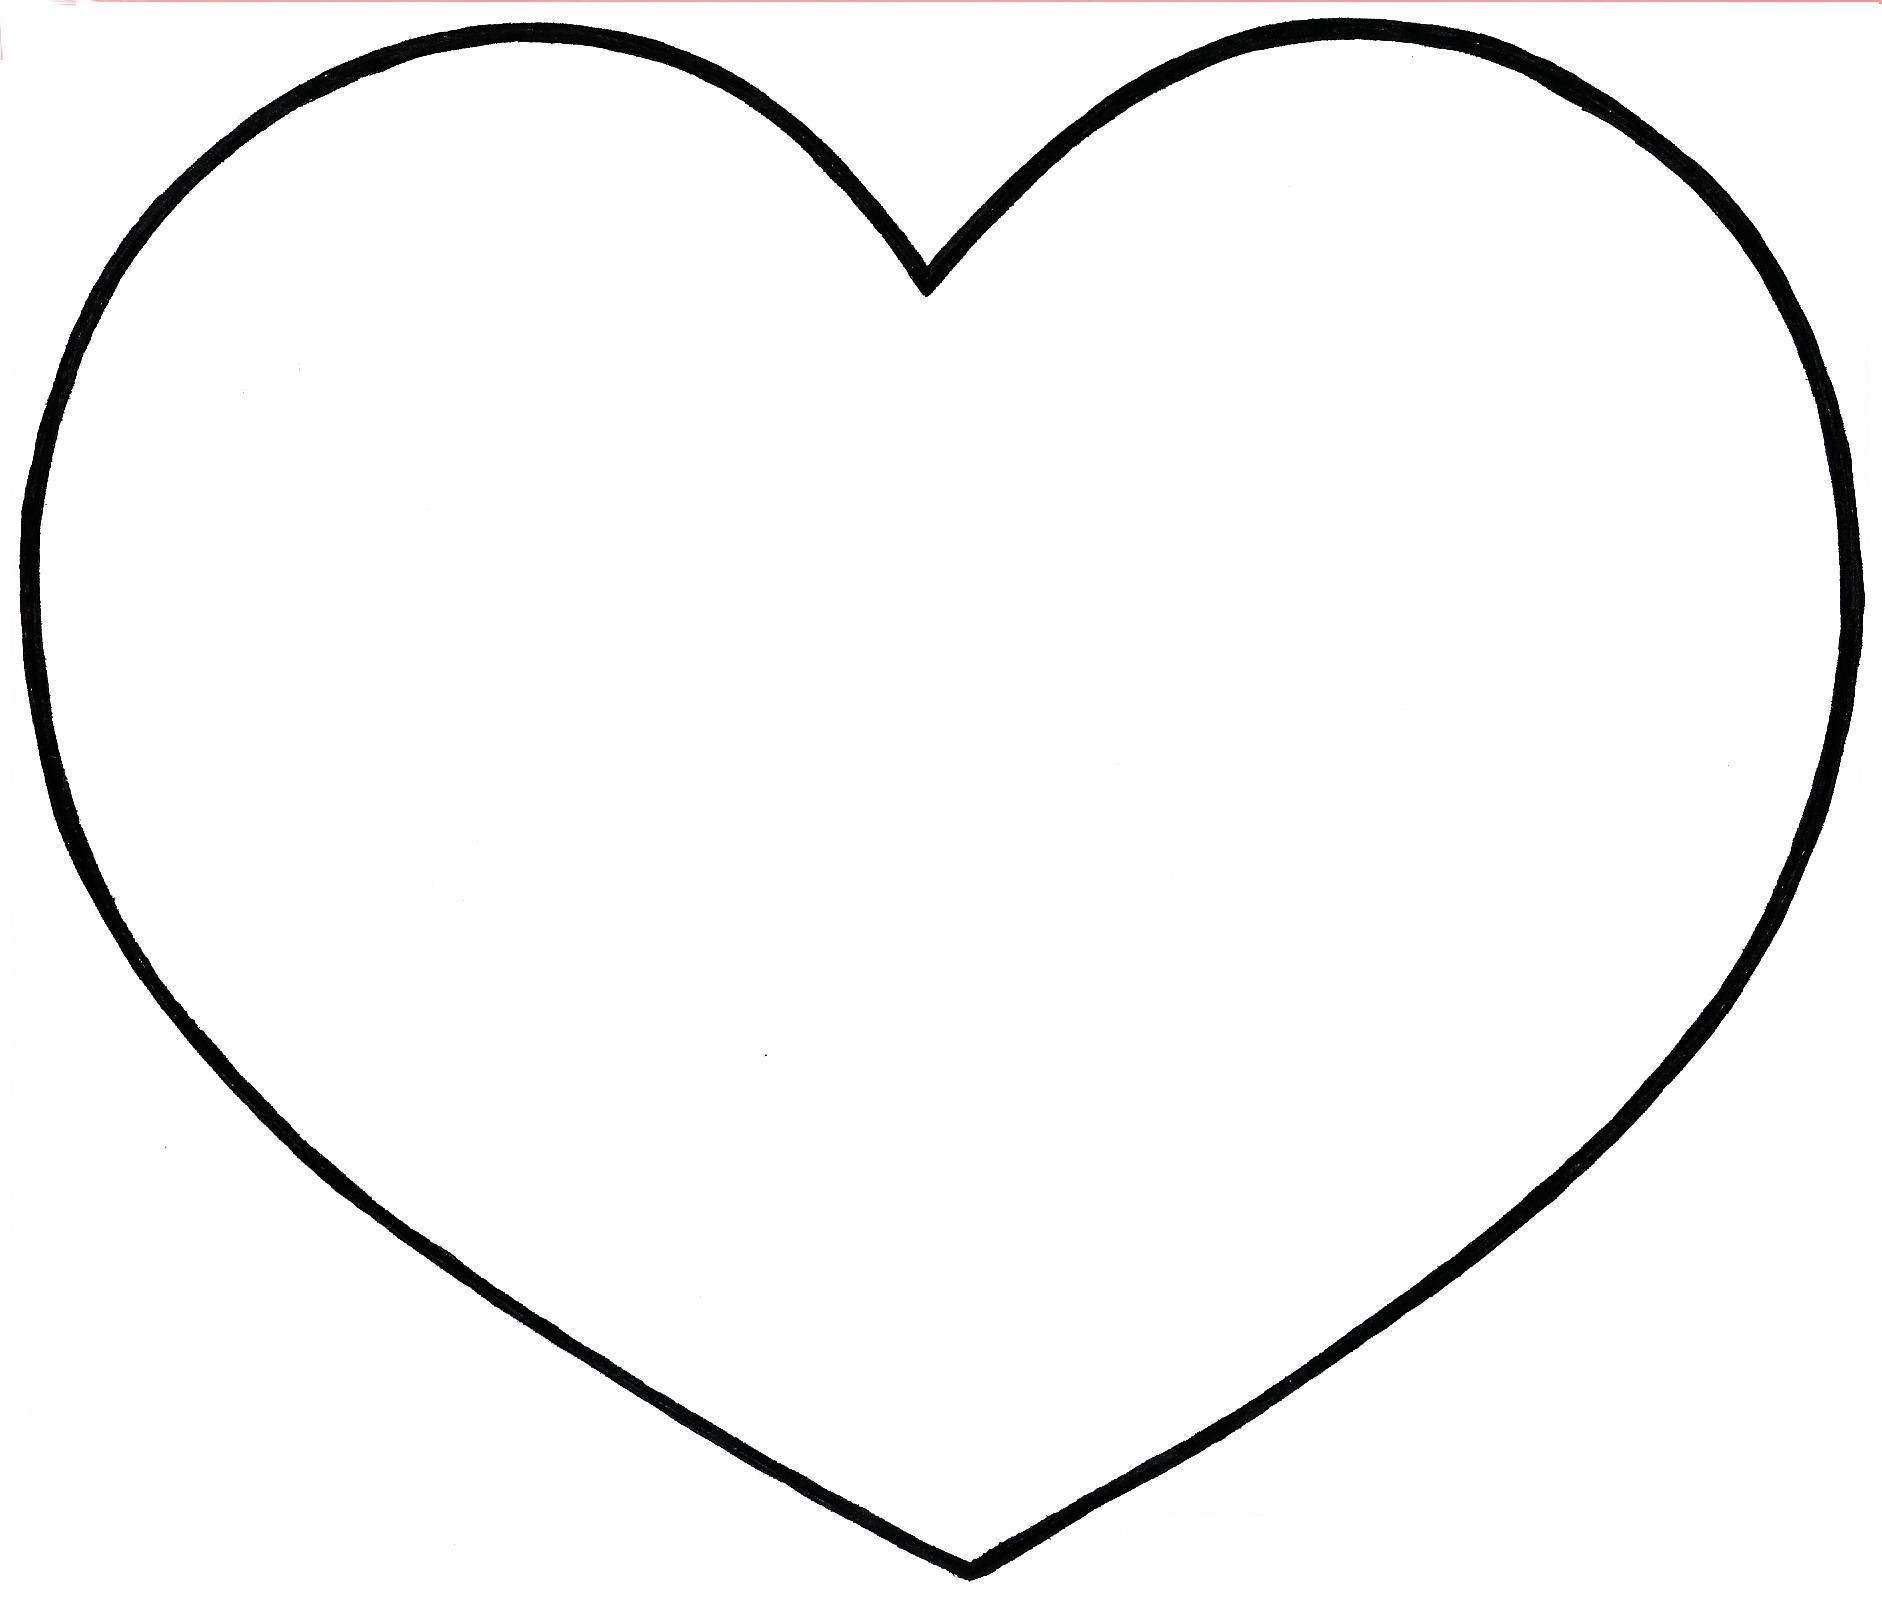 Coloriage De Coeur En Couleur.Dessin En Couleurs A Imprimer Chiffres Et Formes Coeur Numero